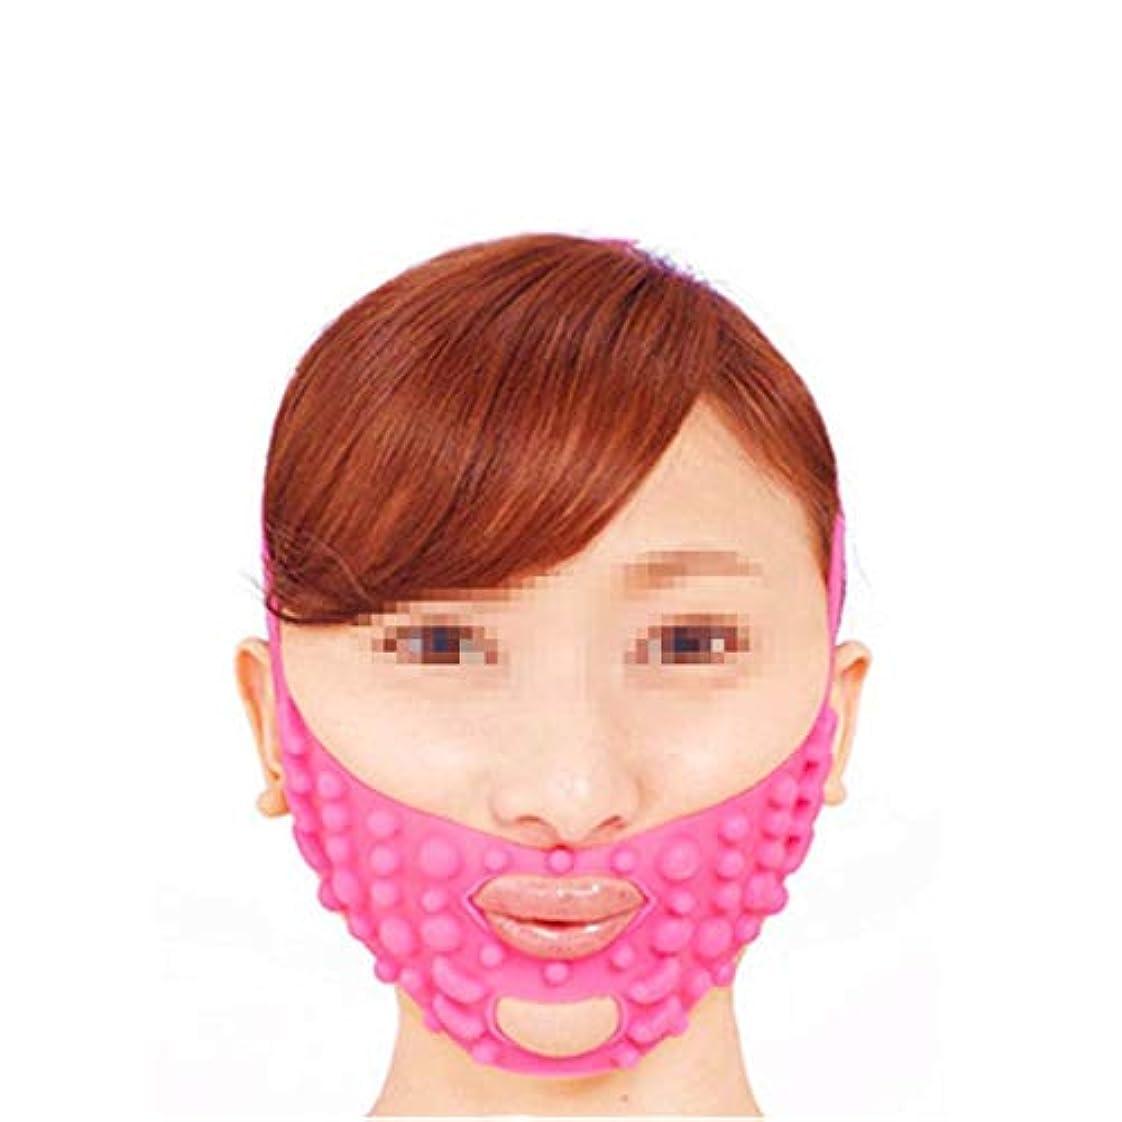 シリコンマッサージフェイスマスク、きちんと形をした小さいVフェイスリフトをデコードパターンフェイスリフトバンデージピンク